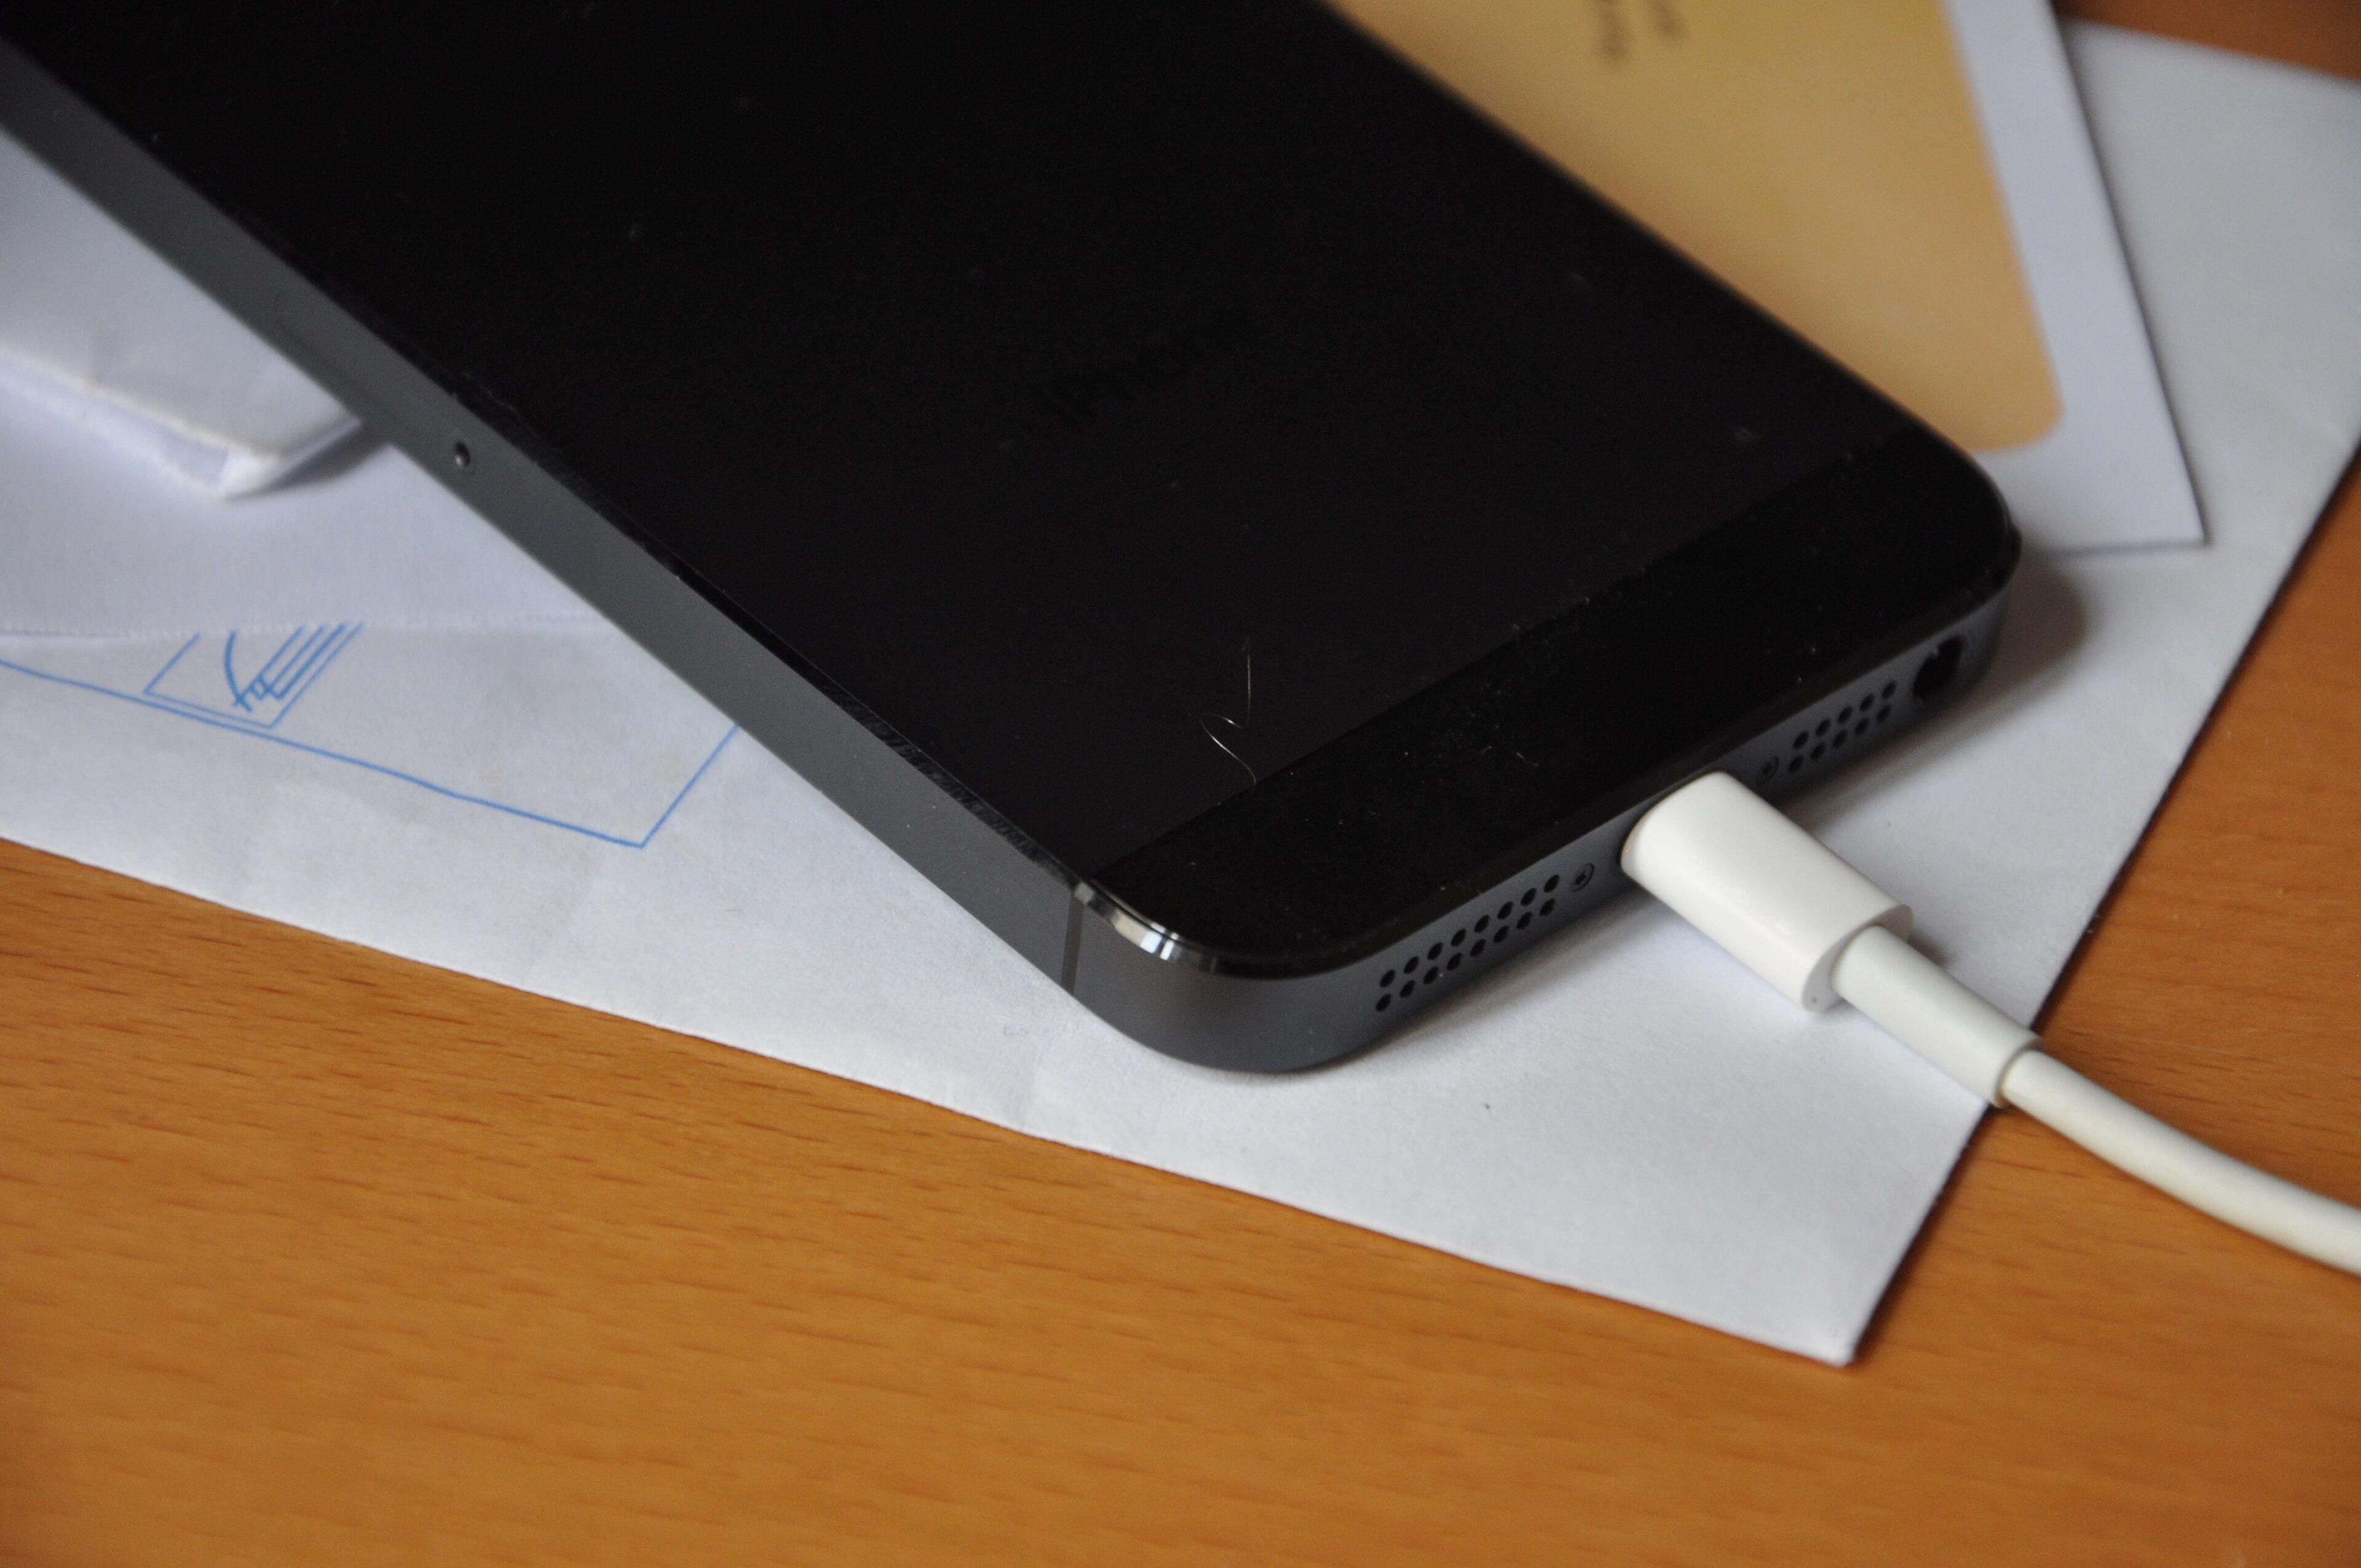 iphone5-poil-trop-2 iPhone 5, le poil de trop !